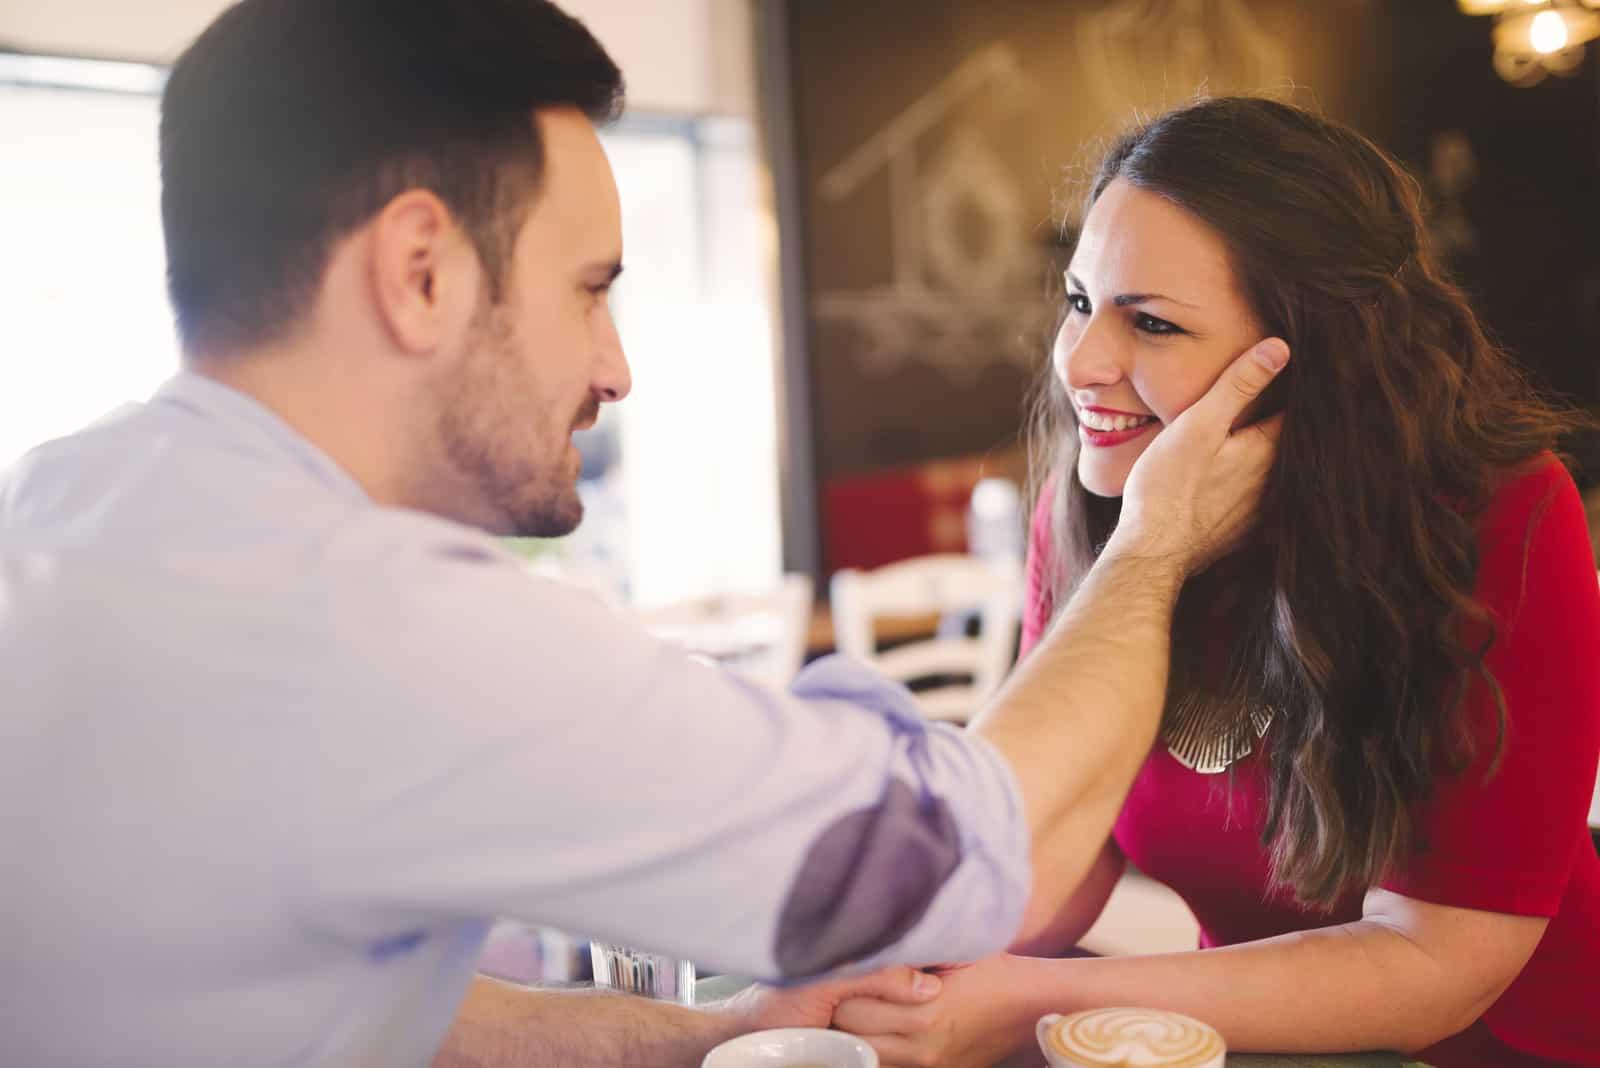 Ein Mann in einem Café streichelt das Gesicht einer lächelnden Frau